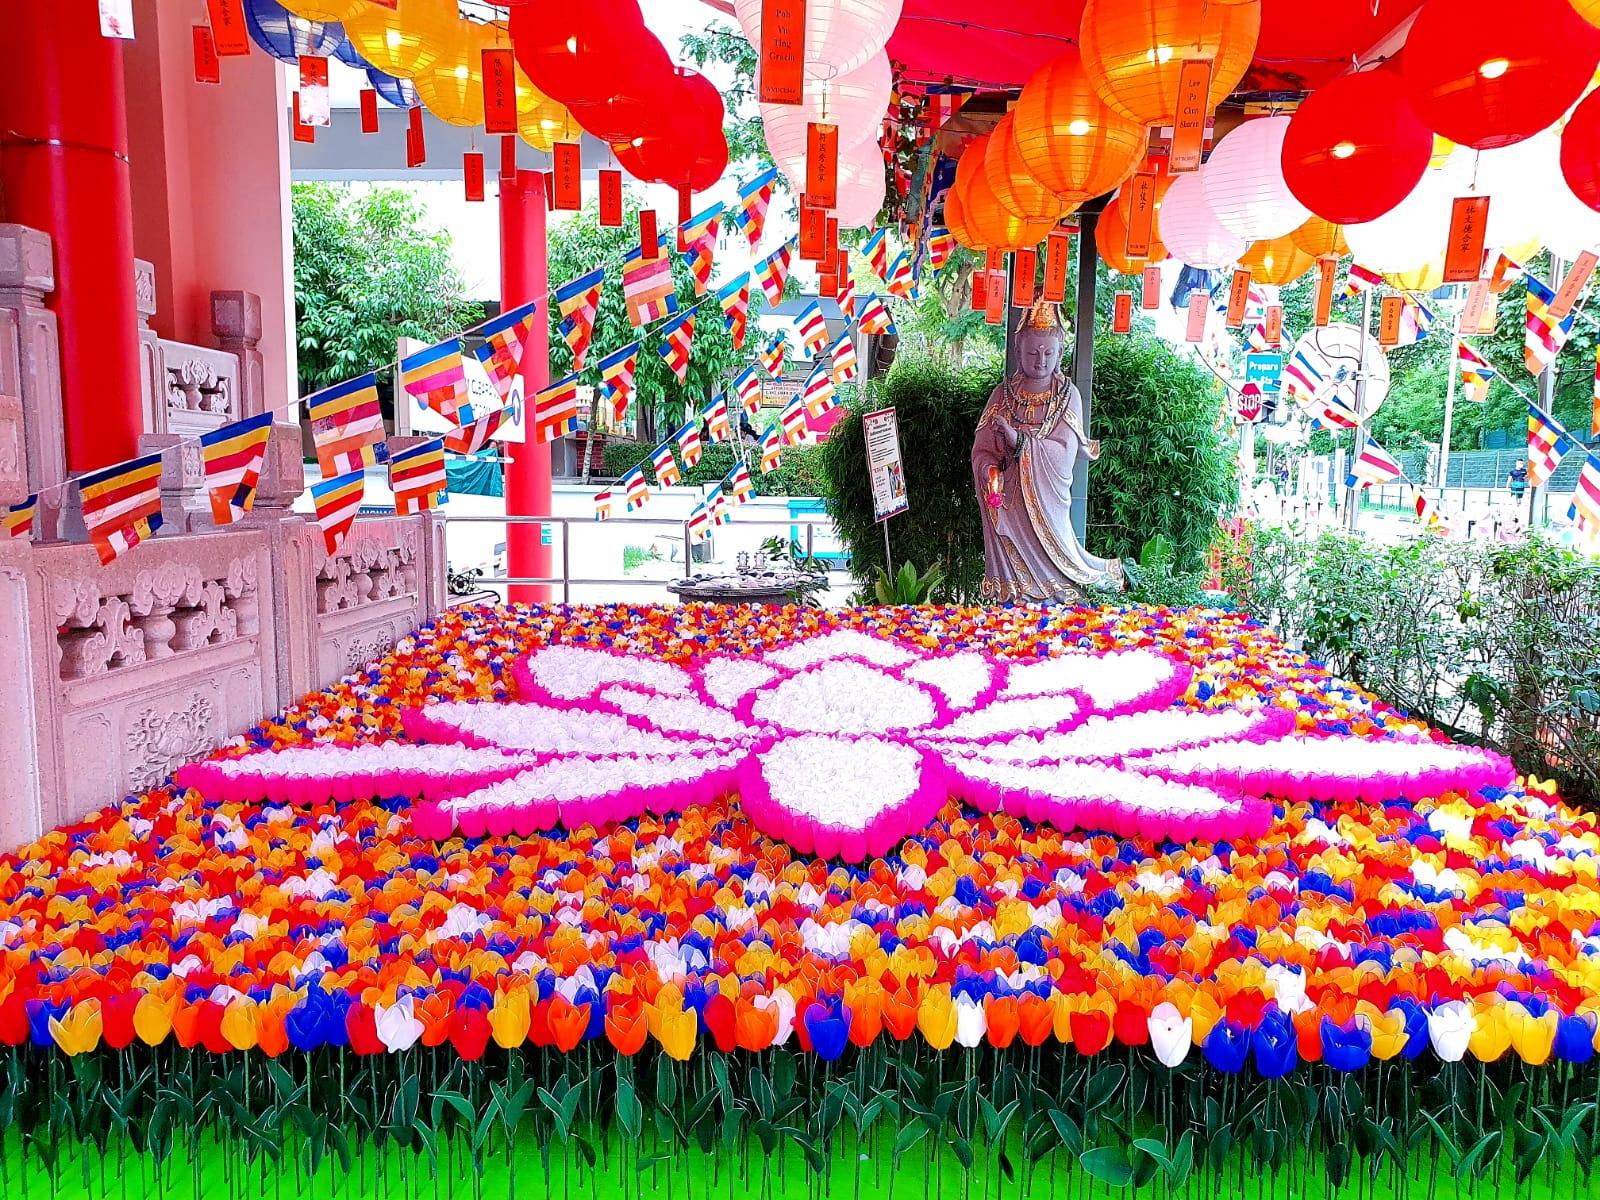 吉祥佛诞 – 五福郁金庆卫塞 Rainbow Tulips, Vesak Joy